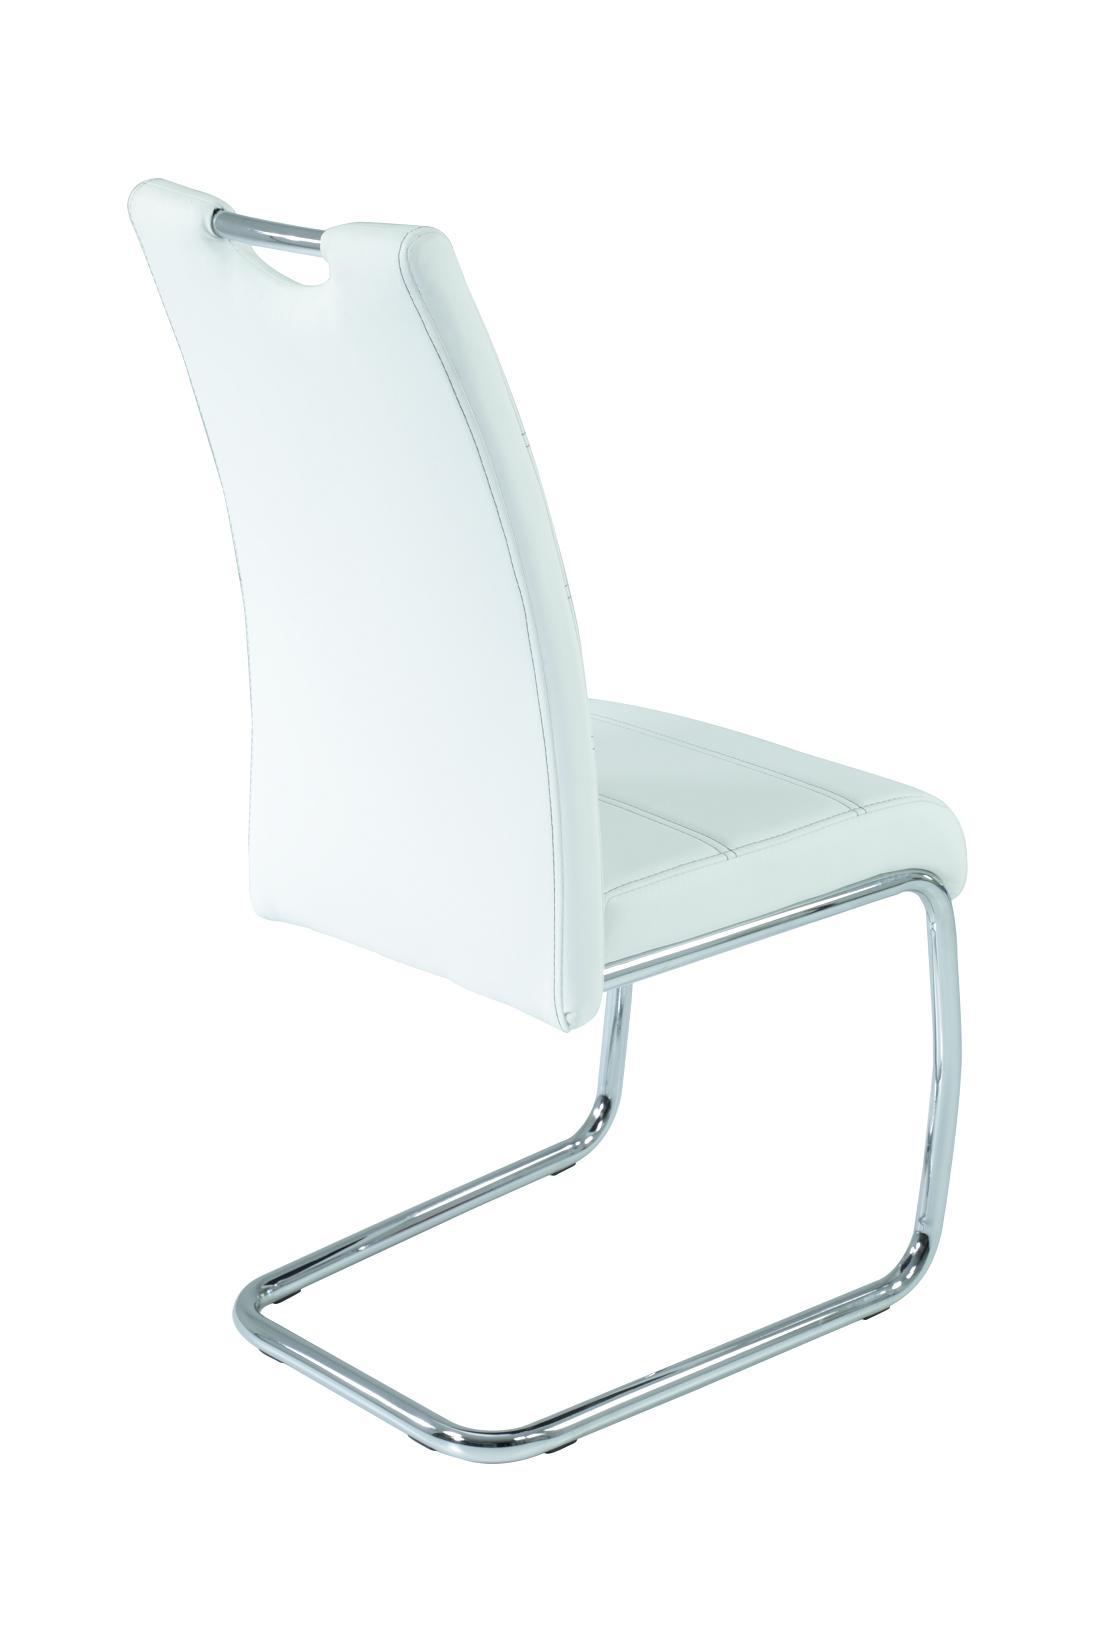 4 Freischwinger=Set Schwinger Stuhl Flora13 Kunstleder Weiß